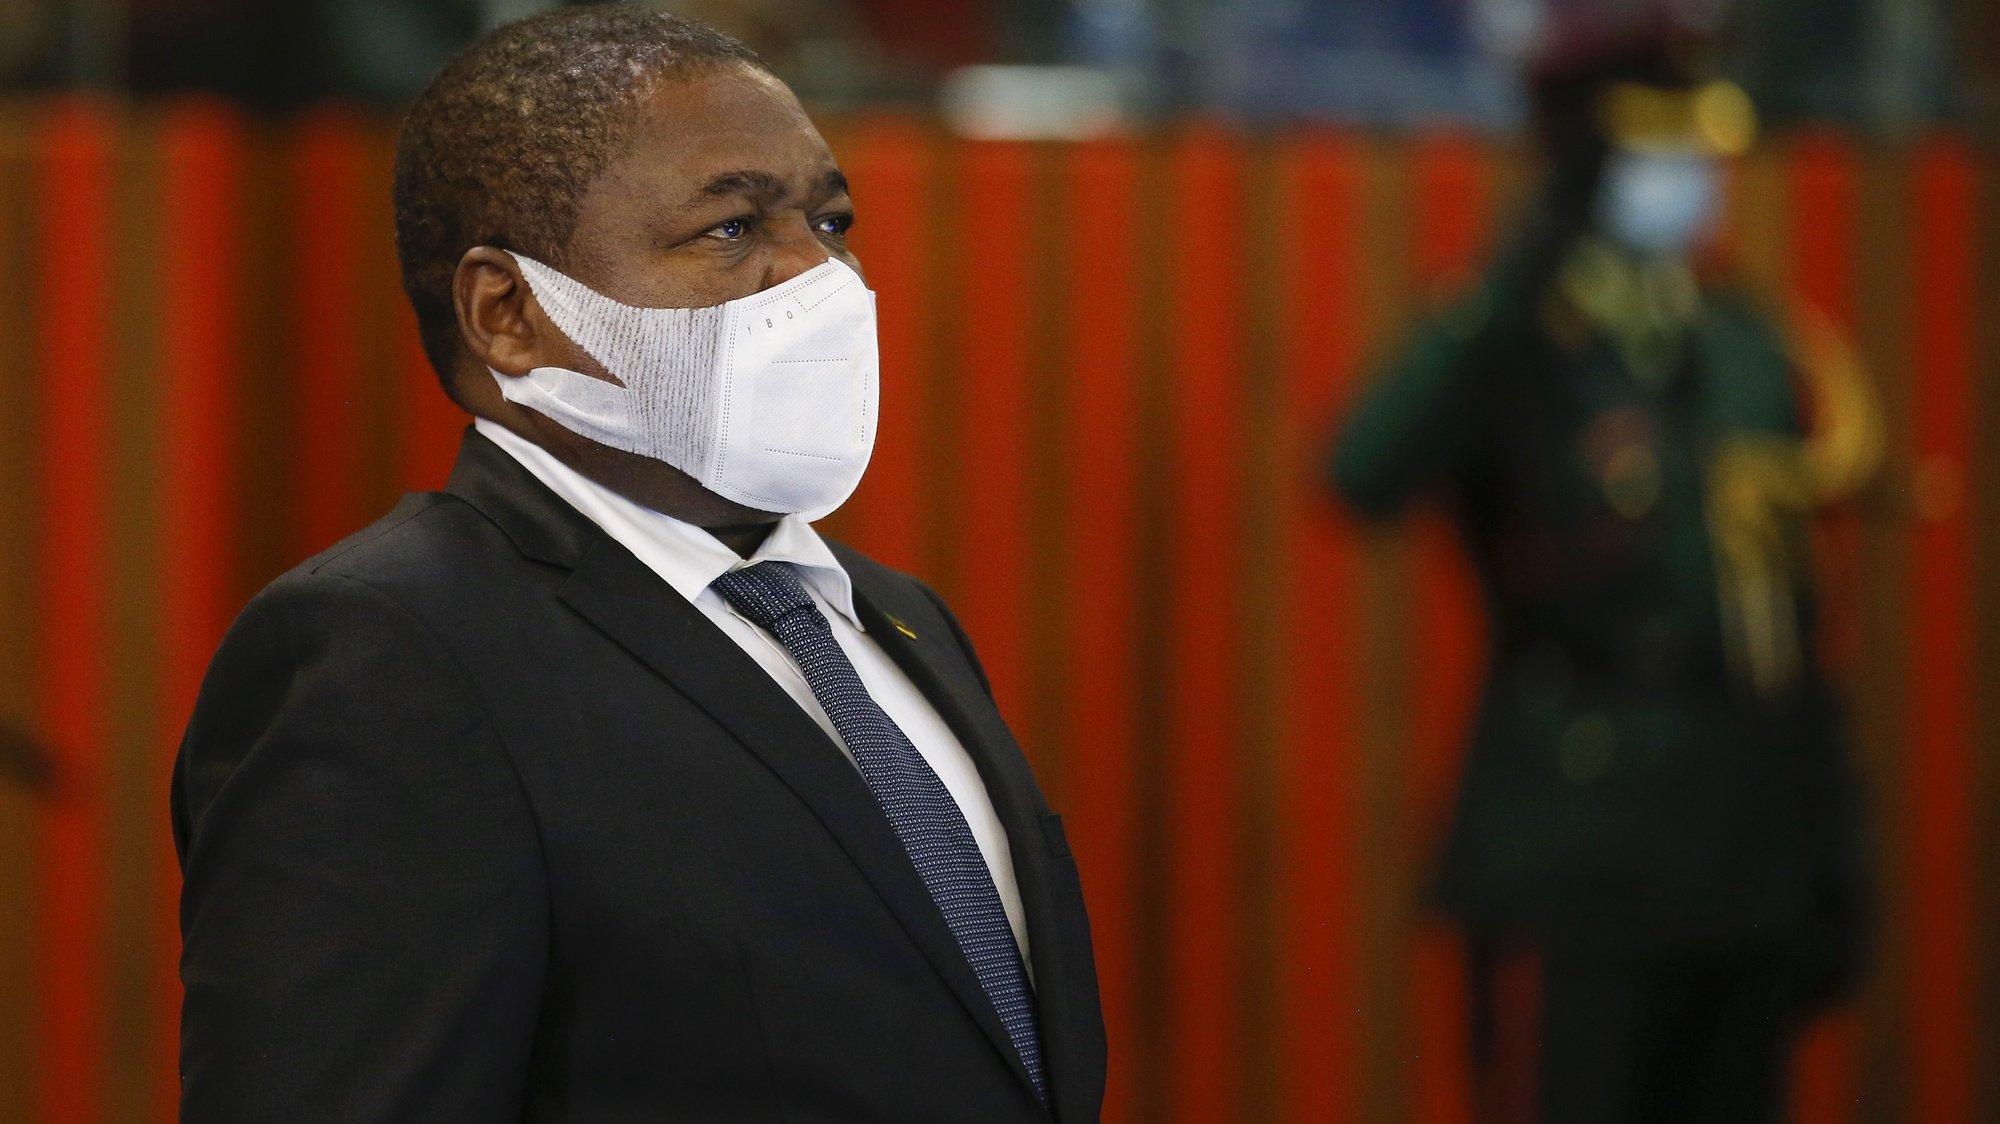 Presidente moçambicano Filipe Nyusi, de pé enquanto o hino nacional é tocado, Pretoria, África so Sul, 5 de outubro de 2021